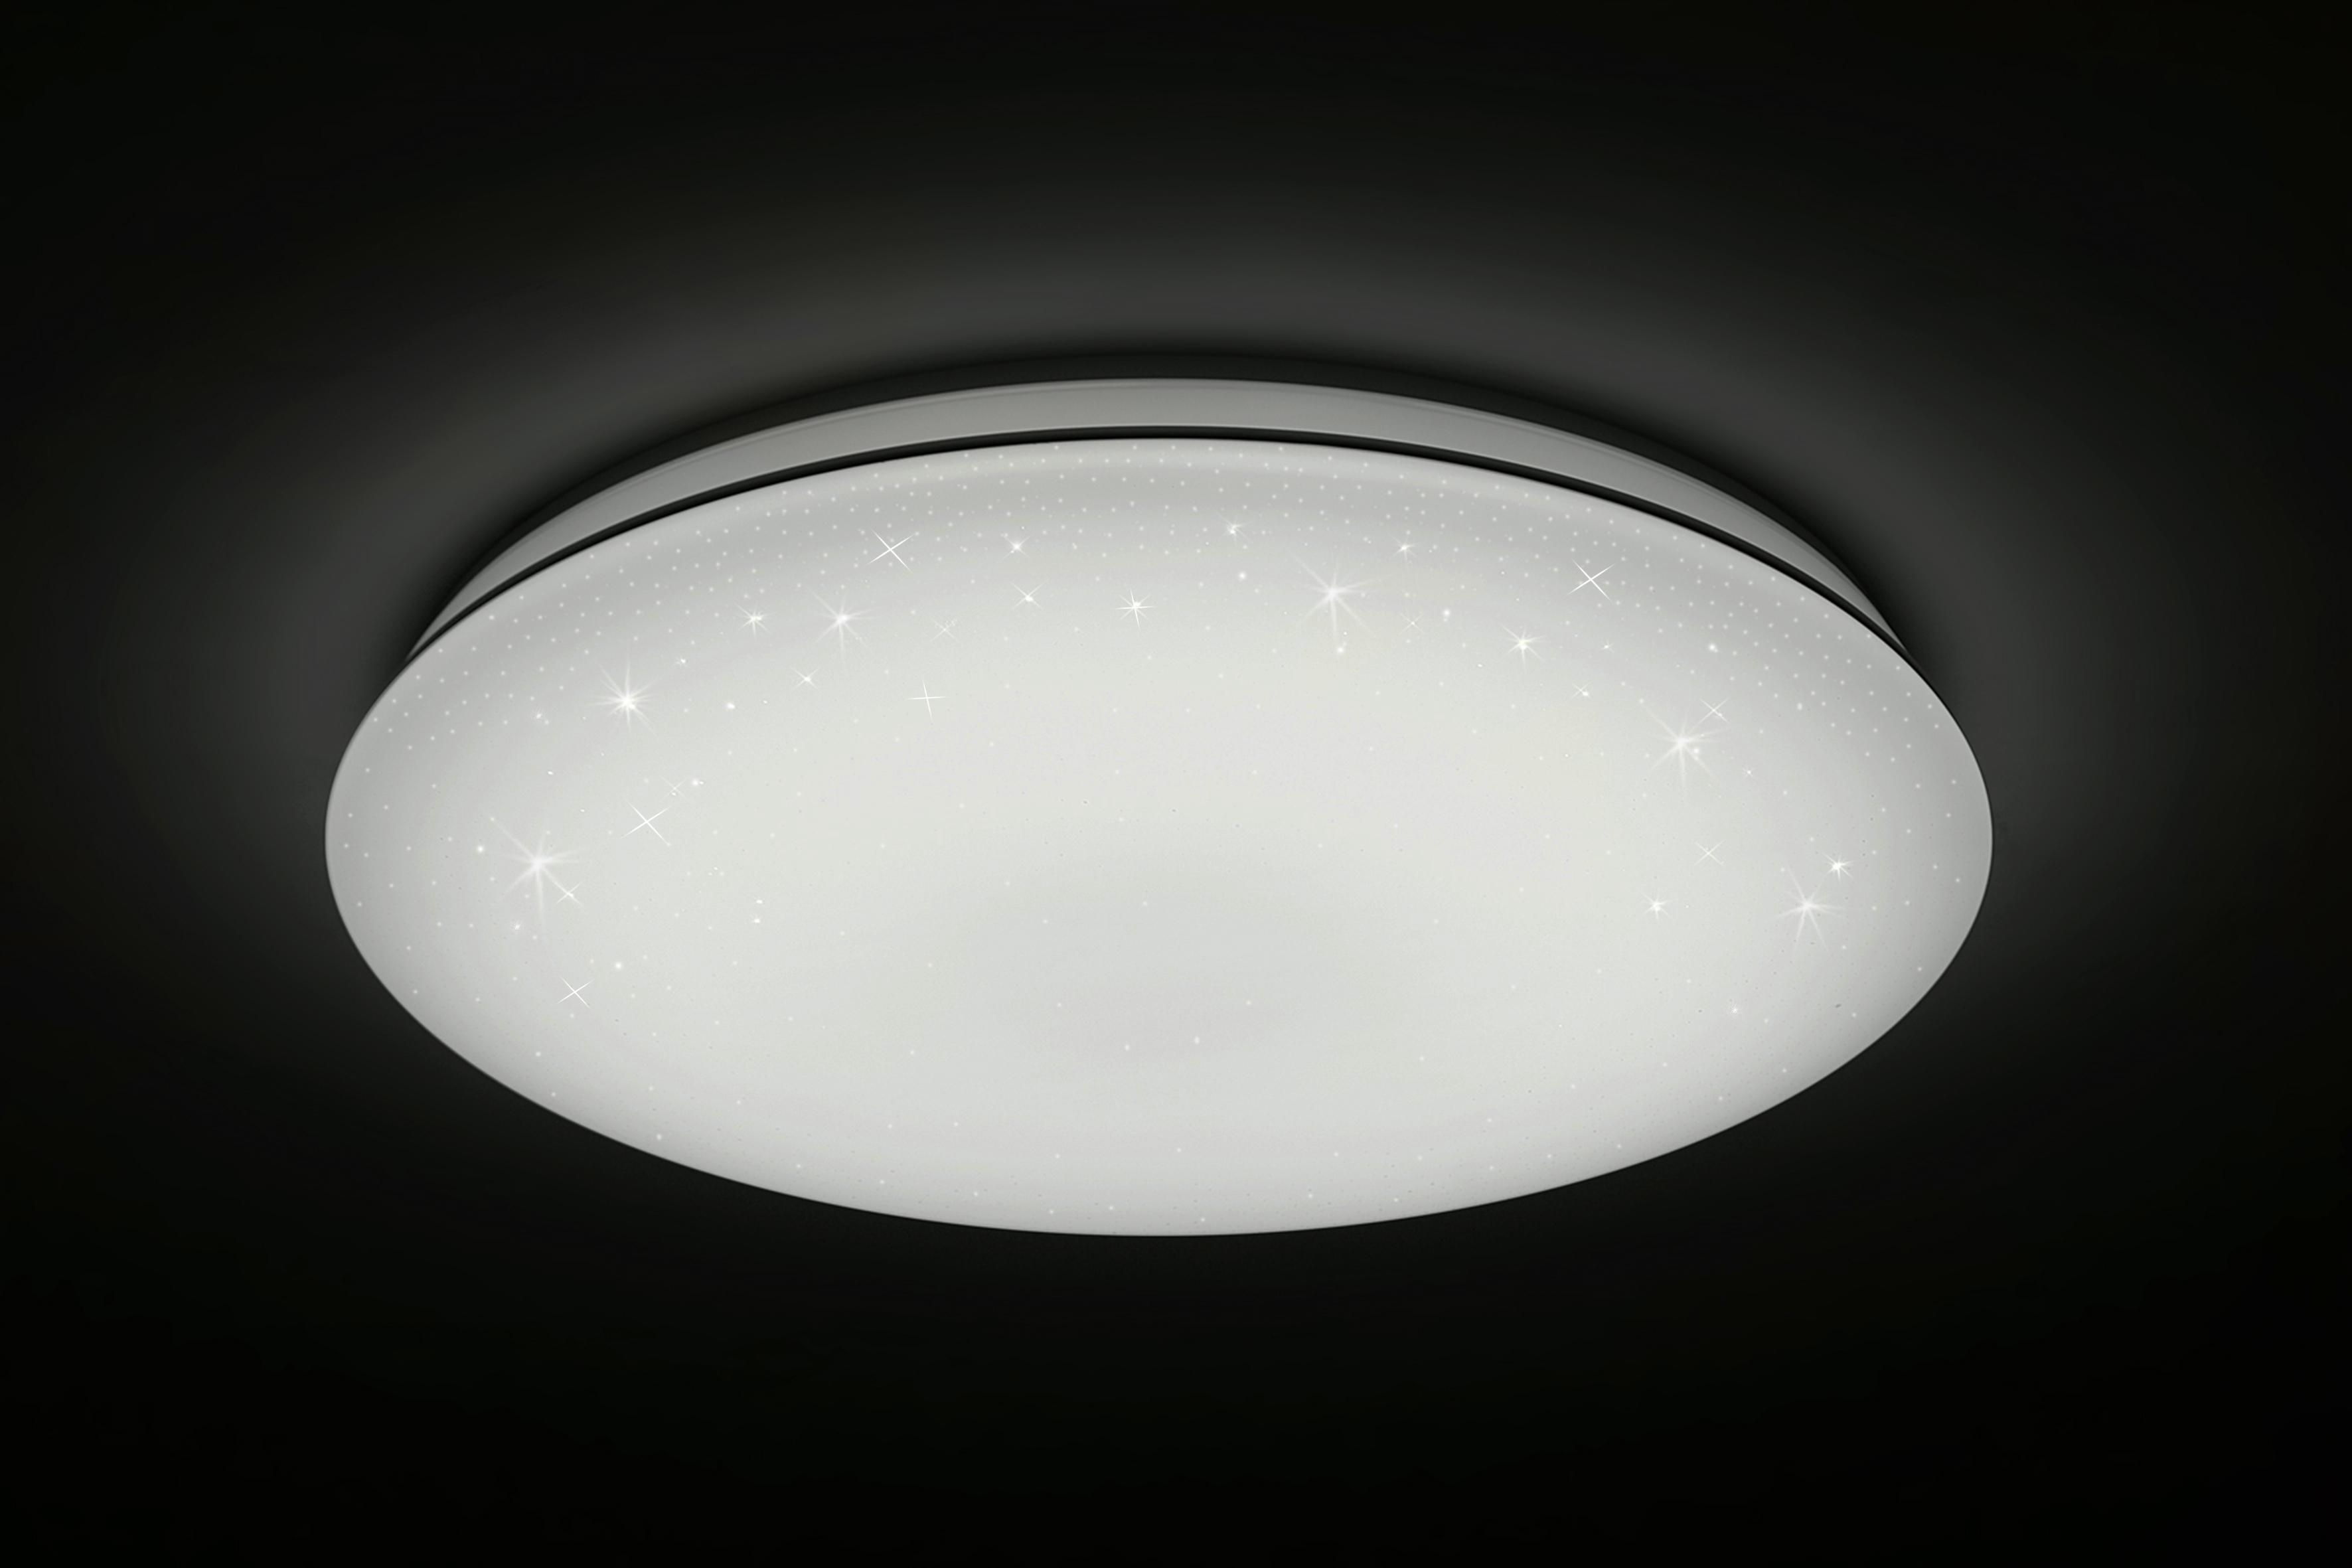 Inteligentní ECO LED svítidlo - Dalen DL-S28TX - Hvězdné nebe + PowerCube Original - 5 x zásuvka (různé barvy)